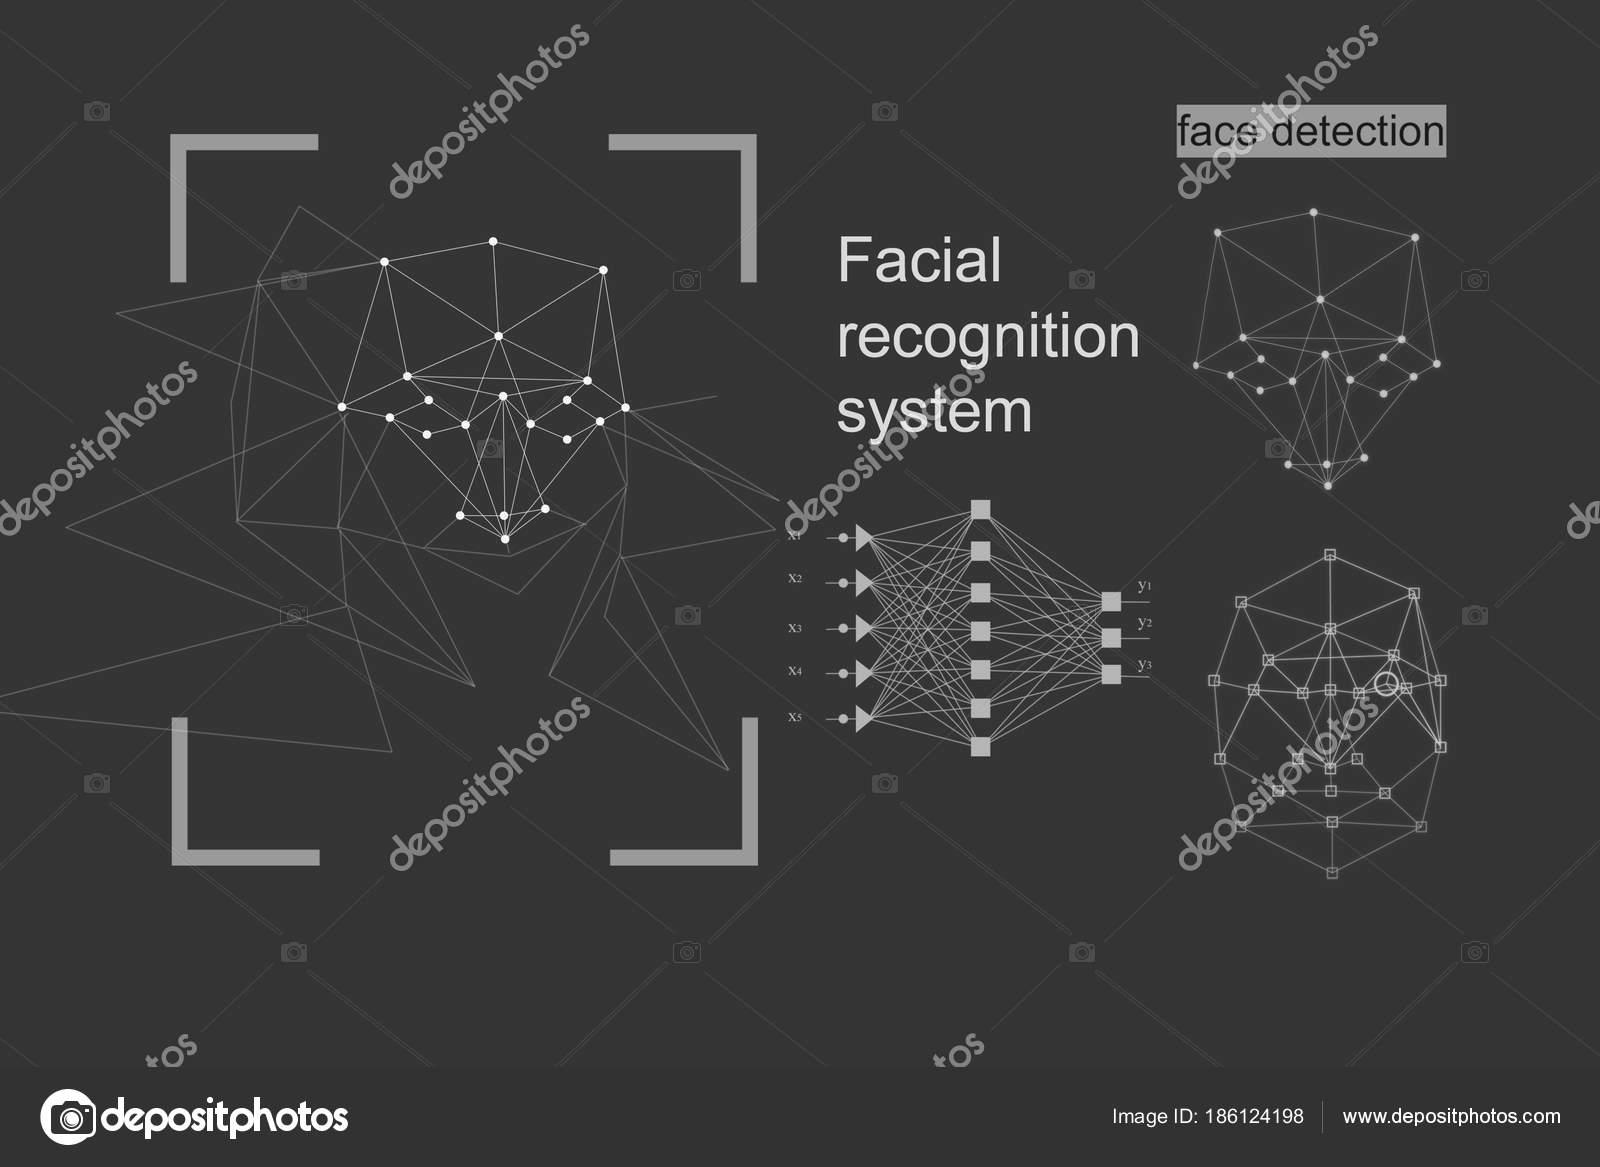 O conceito de reconhecimento diagrama da grade e algoritmo de rede o conceito de reconhecimento diagrama da grade e algoritmo de rede neural plano de fundo cinzento foto de kriscole ccuart Gallery